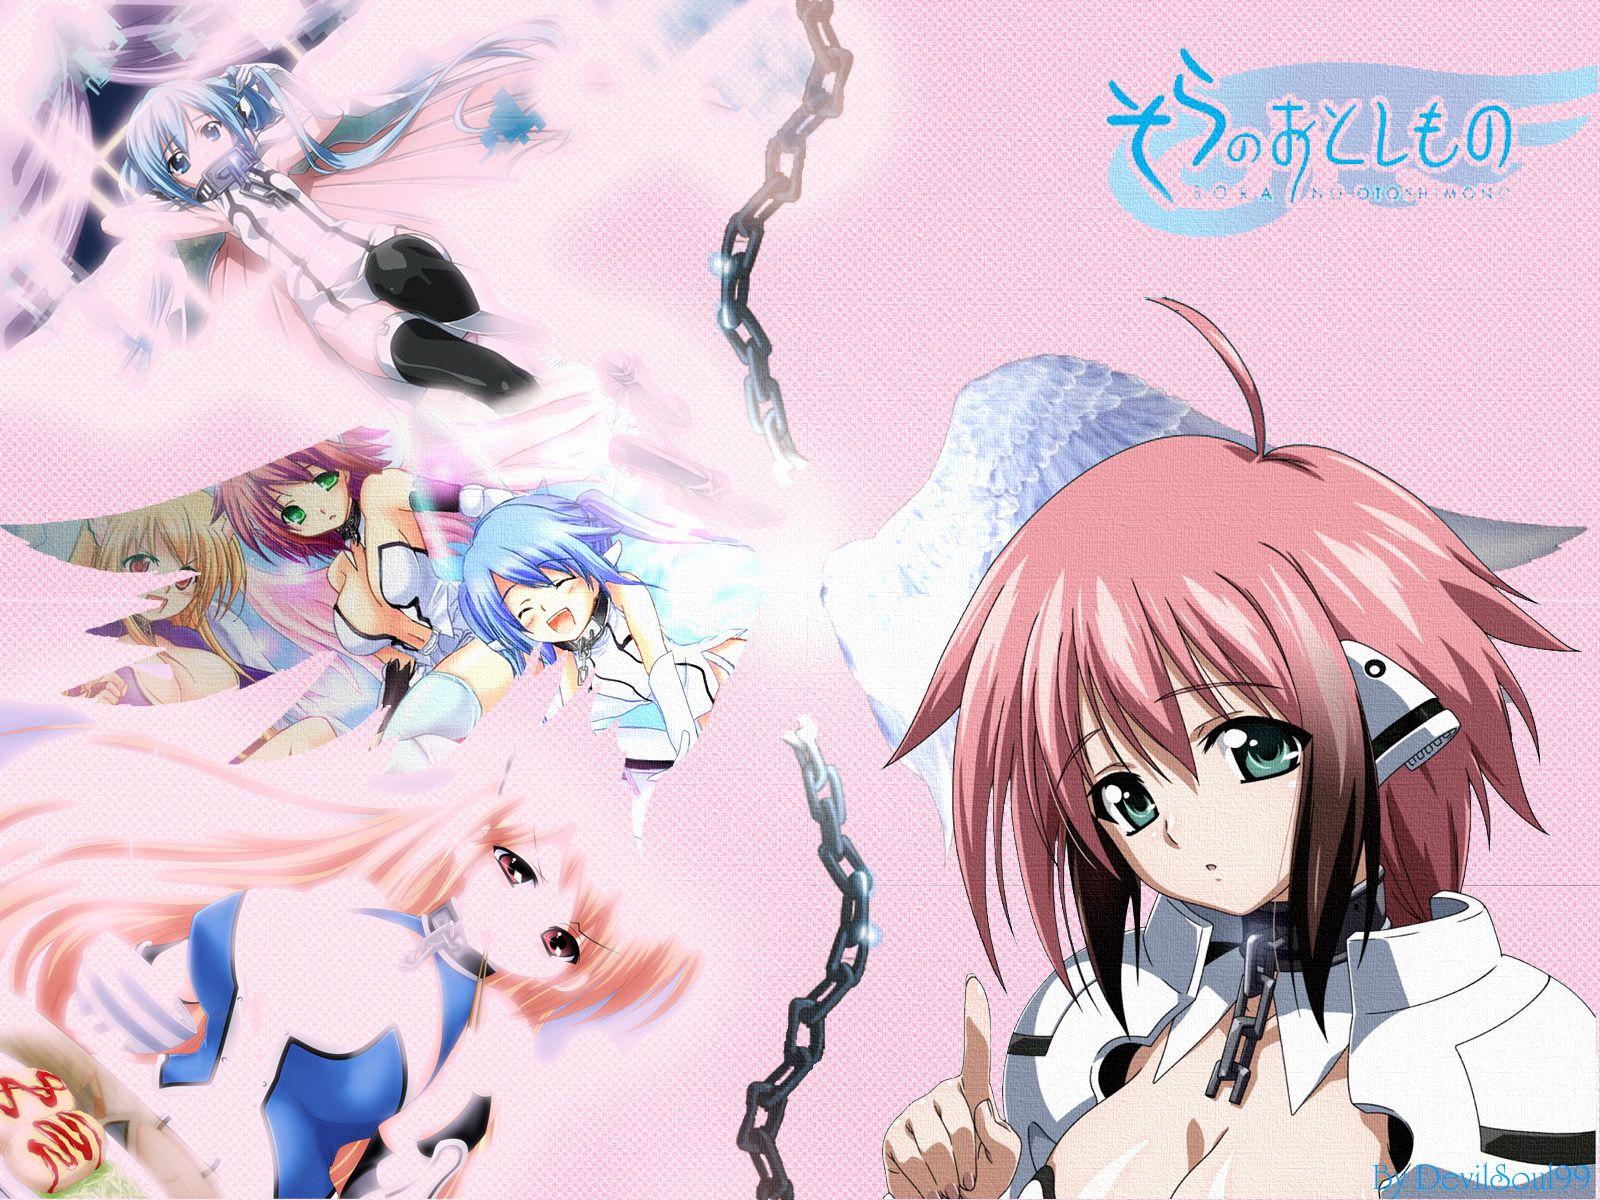 Sora No Otoshimono Wallpaper 1600x1200 Anime Life Anime Anime Characters